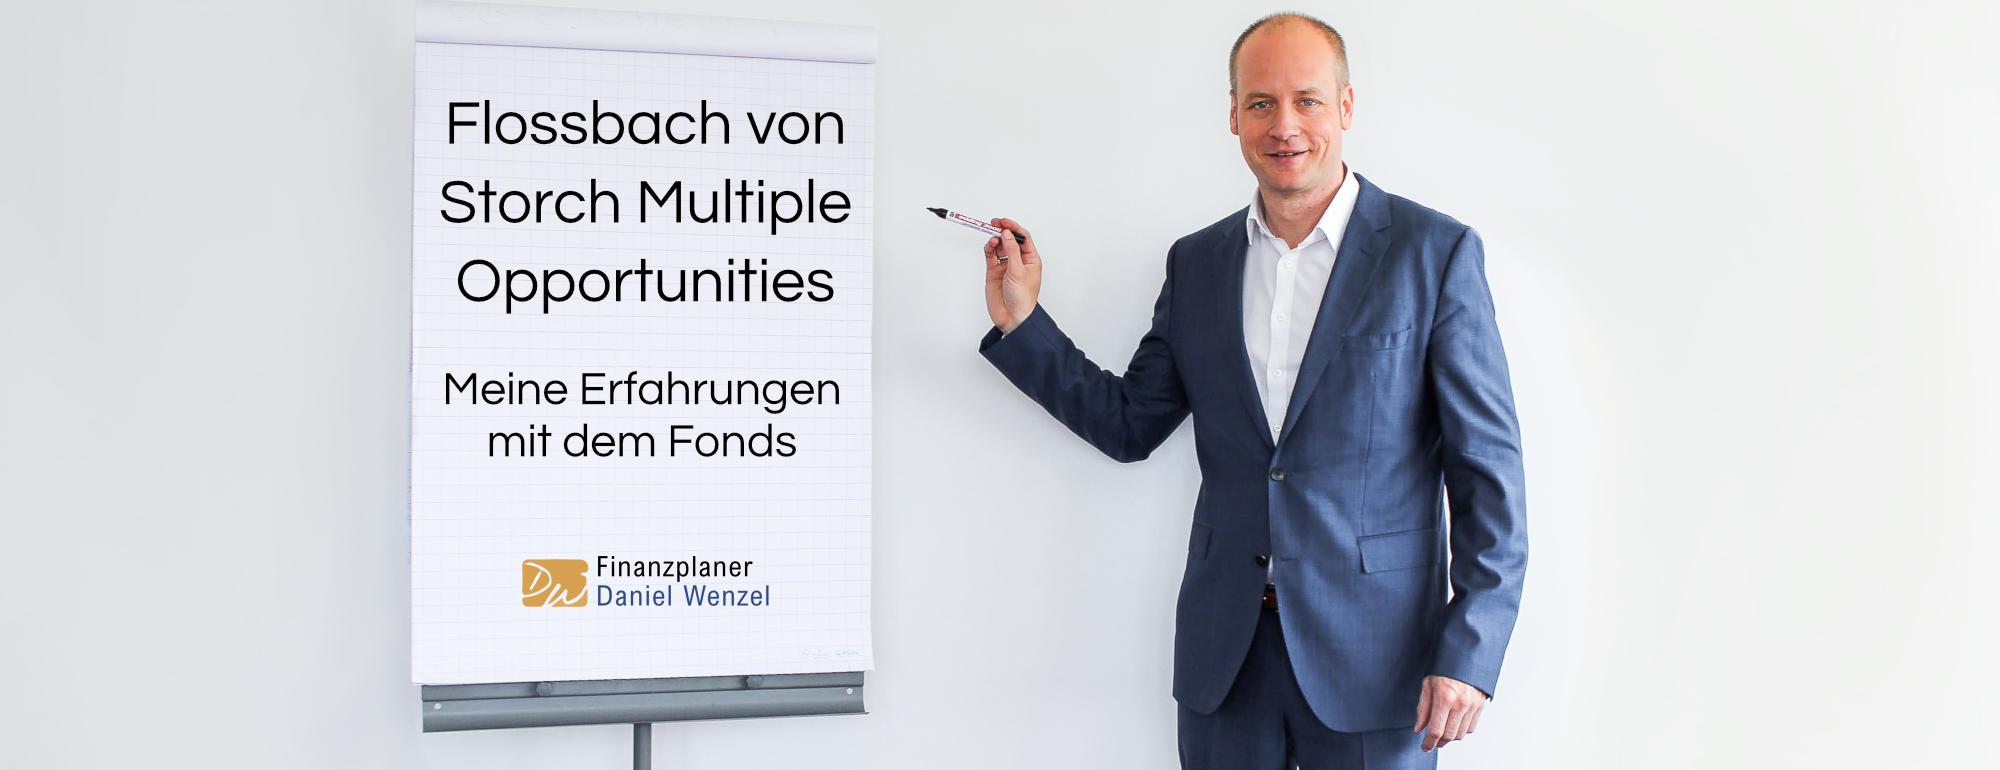 Flossbach von Storch Multiple Opportunities